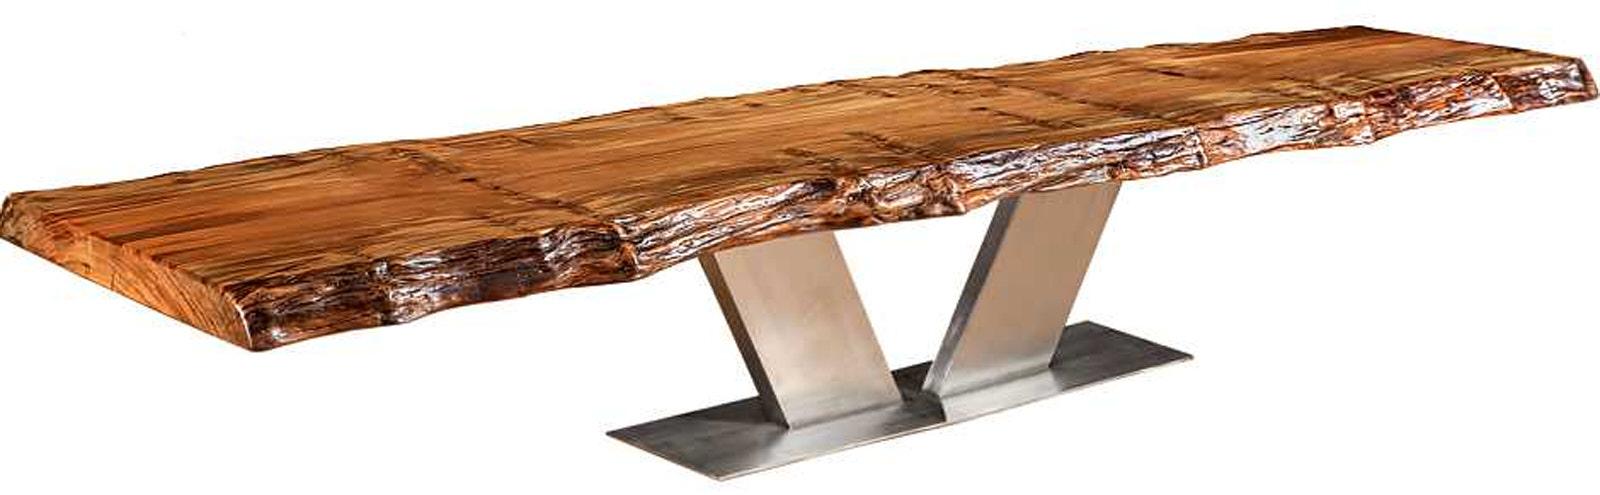 Grosser Baumstammtisch mit massiver besonderer Kauri Tischplatte als modernen Designer Konferenztisch mit außergewöhnlichem Edelstahl Fussgestell